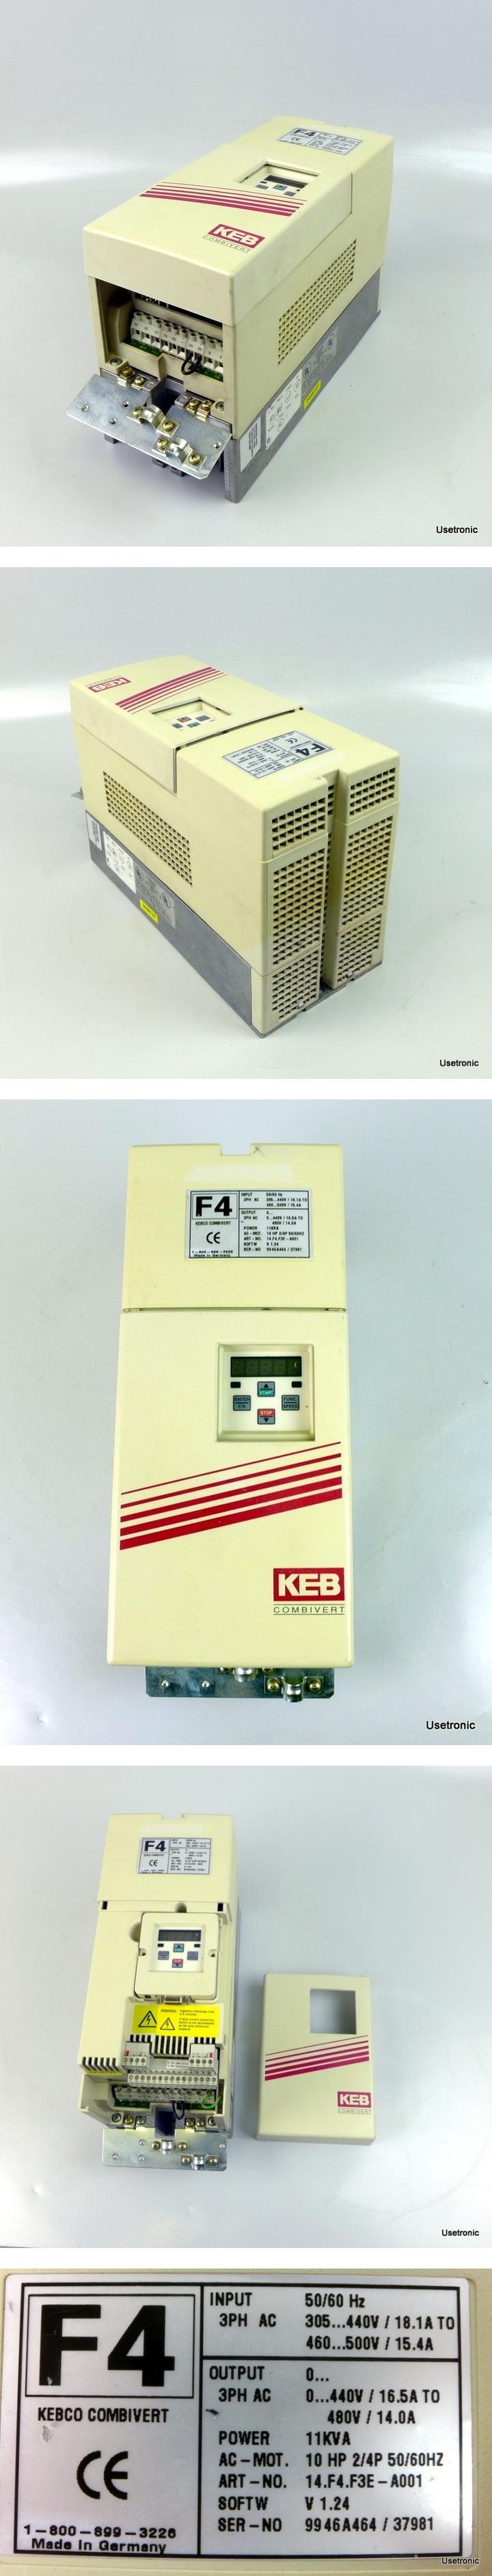 KEB 14.F4.F3E-A001